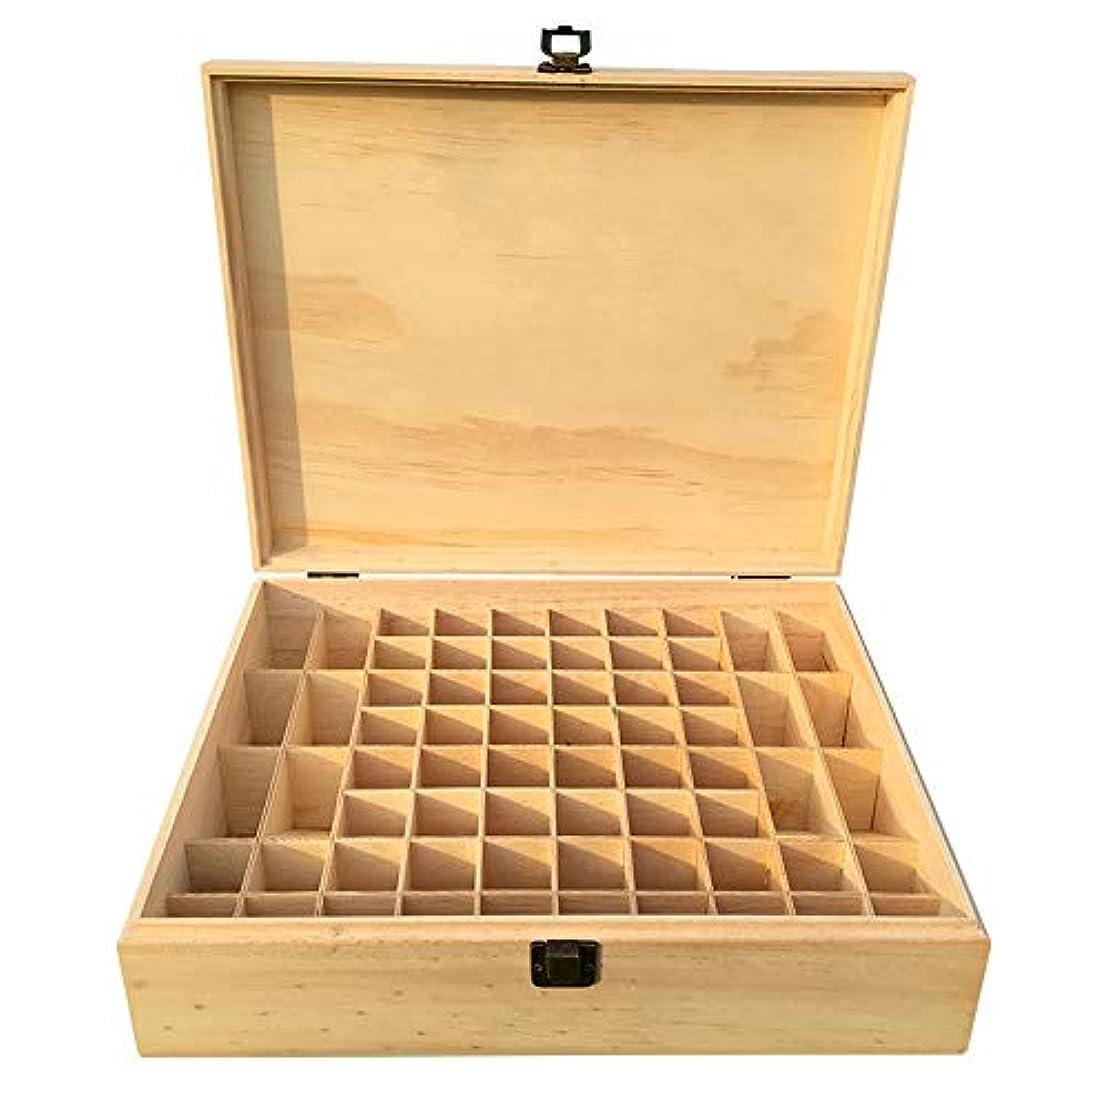 雷雨バイナリ十億エッセンシャルオイルストレージボックス エッセンシャルオイル木製ボックスストレージが安全に油を維持するための68本の5?10ミリリットルボトル大エッセンシャルオイルケースオーガナイザーベストを開催します 旅行およびプレゼンテーション用 (色 : Natural, サイズ : 34X27.5X9CM)